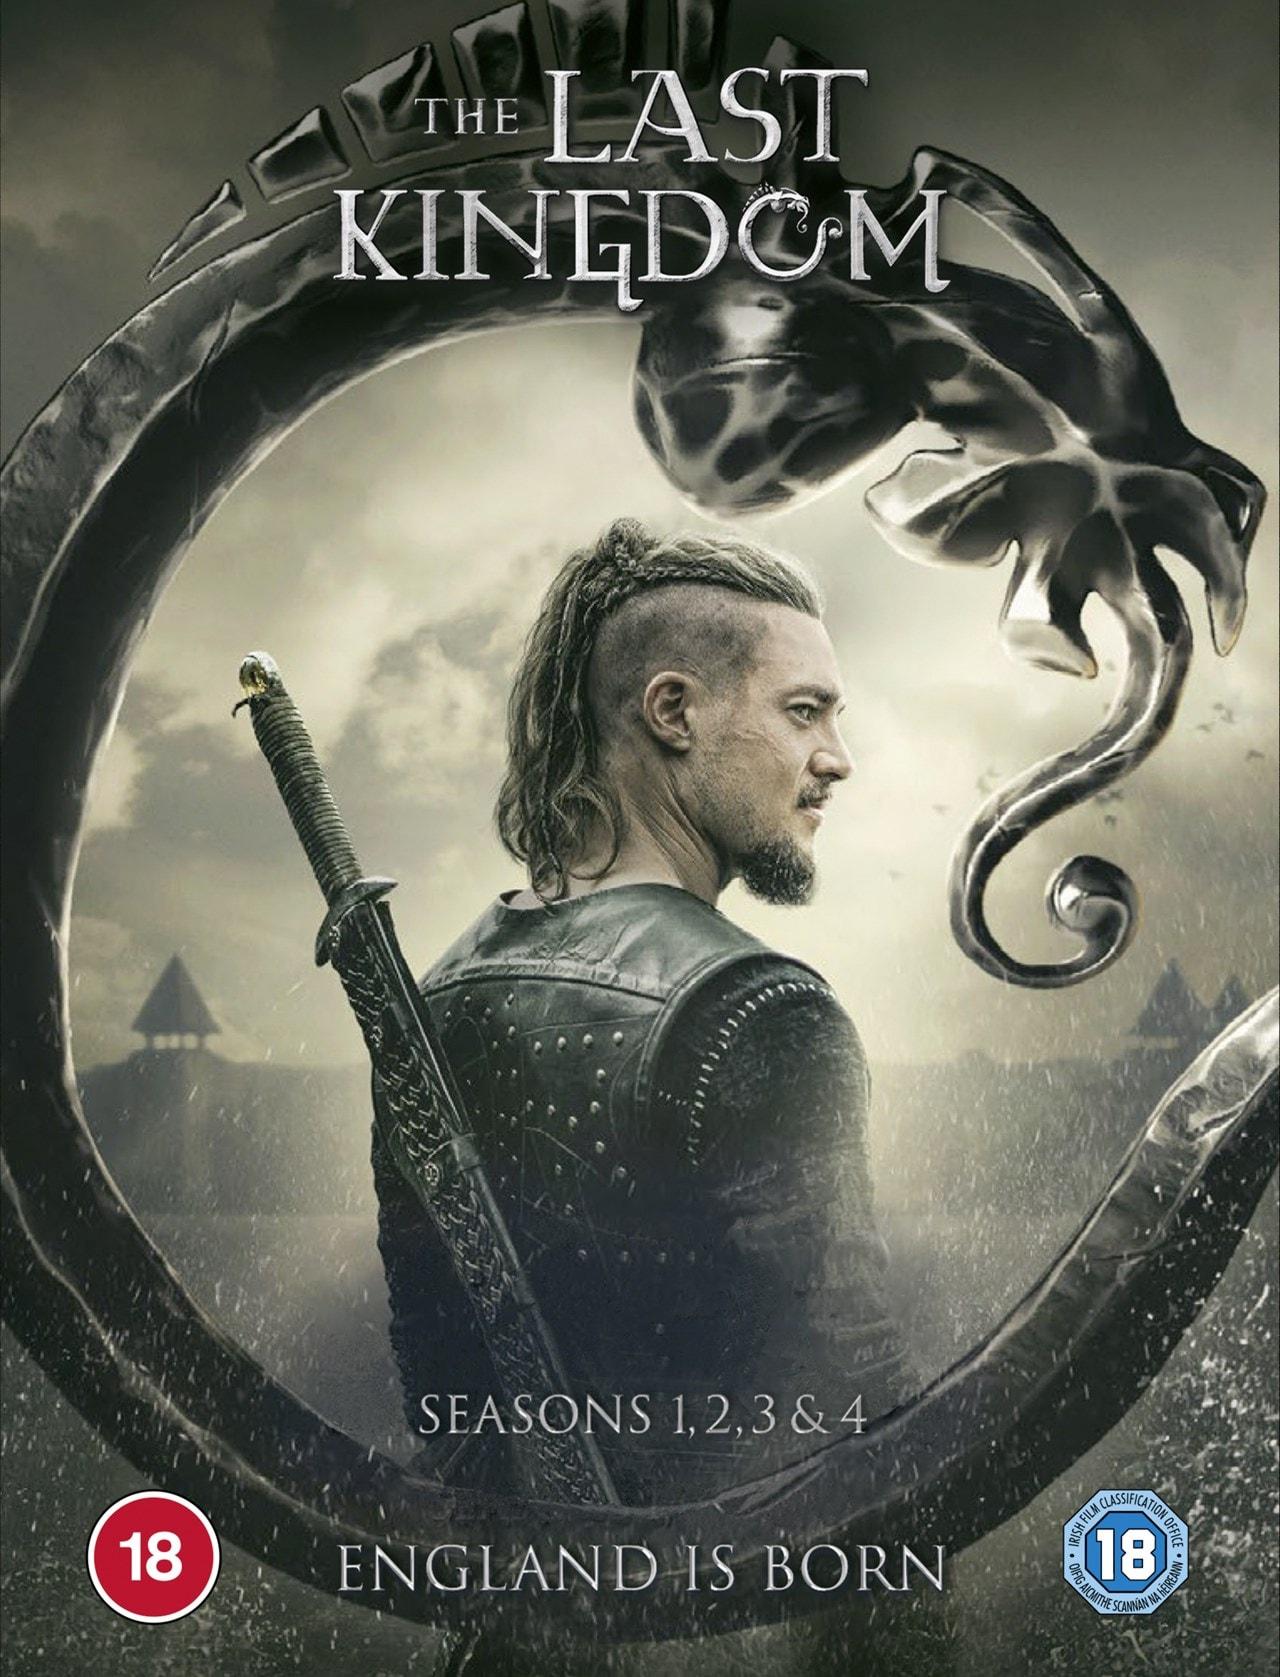 The Last Kingdom: Seasons 1, 2, 3 & 4 - 1